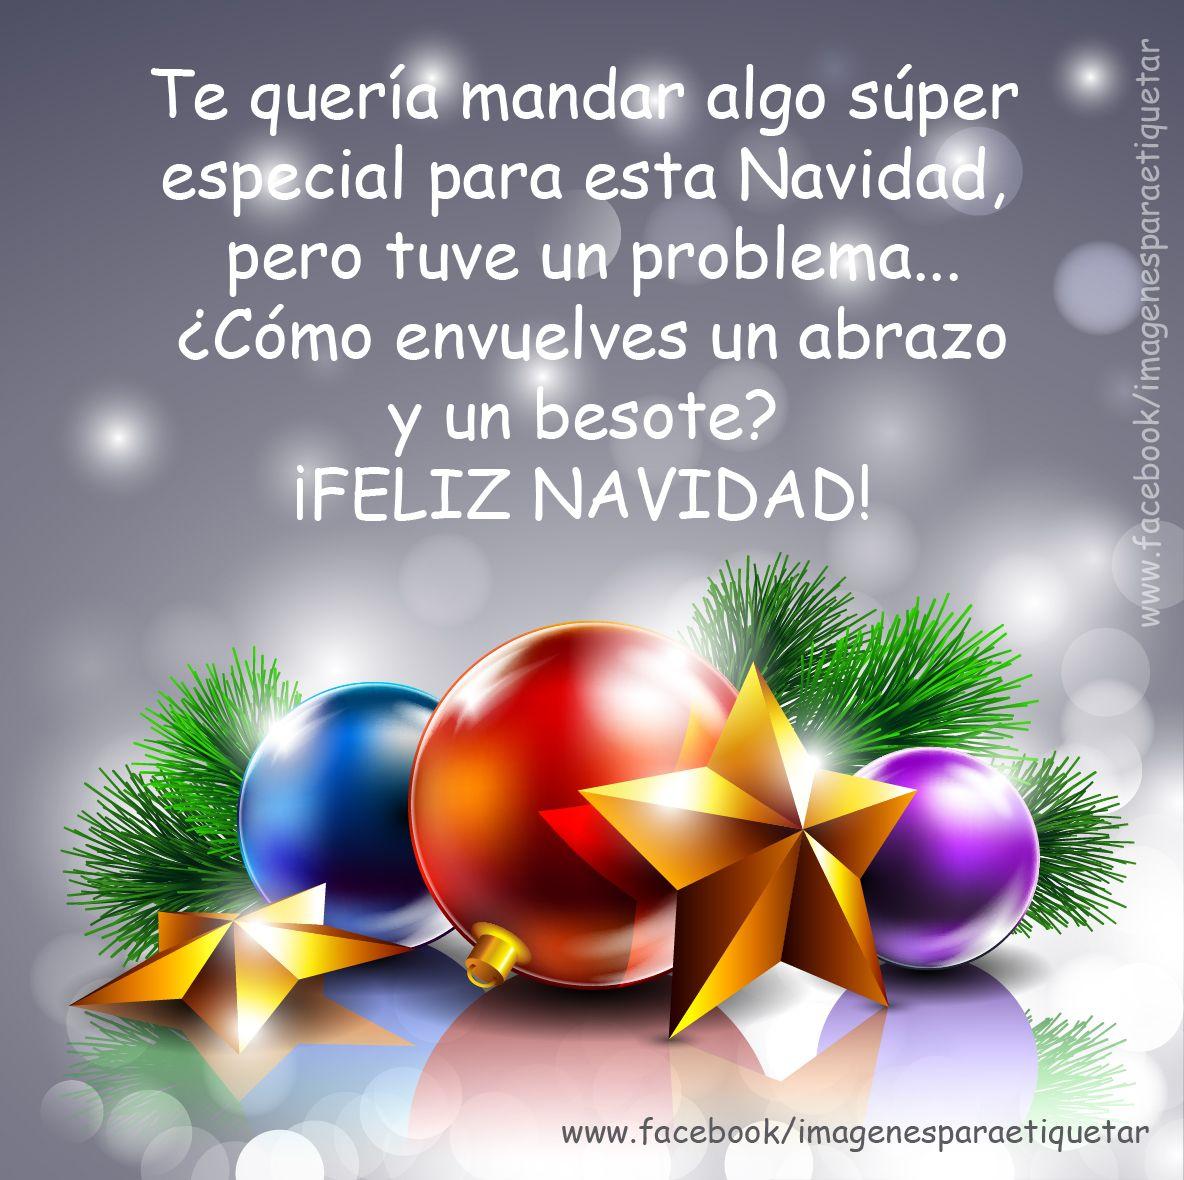 Frases Para Felecitar La Navidad.Hoy Les Traemos Imagenes De Navidad Para Facebook Hermosas